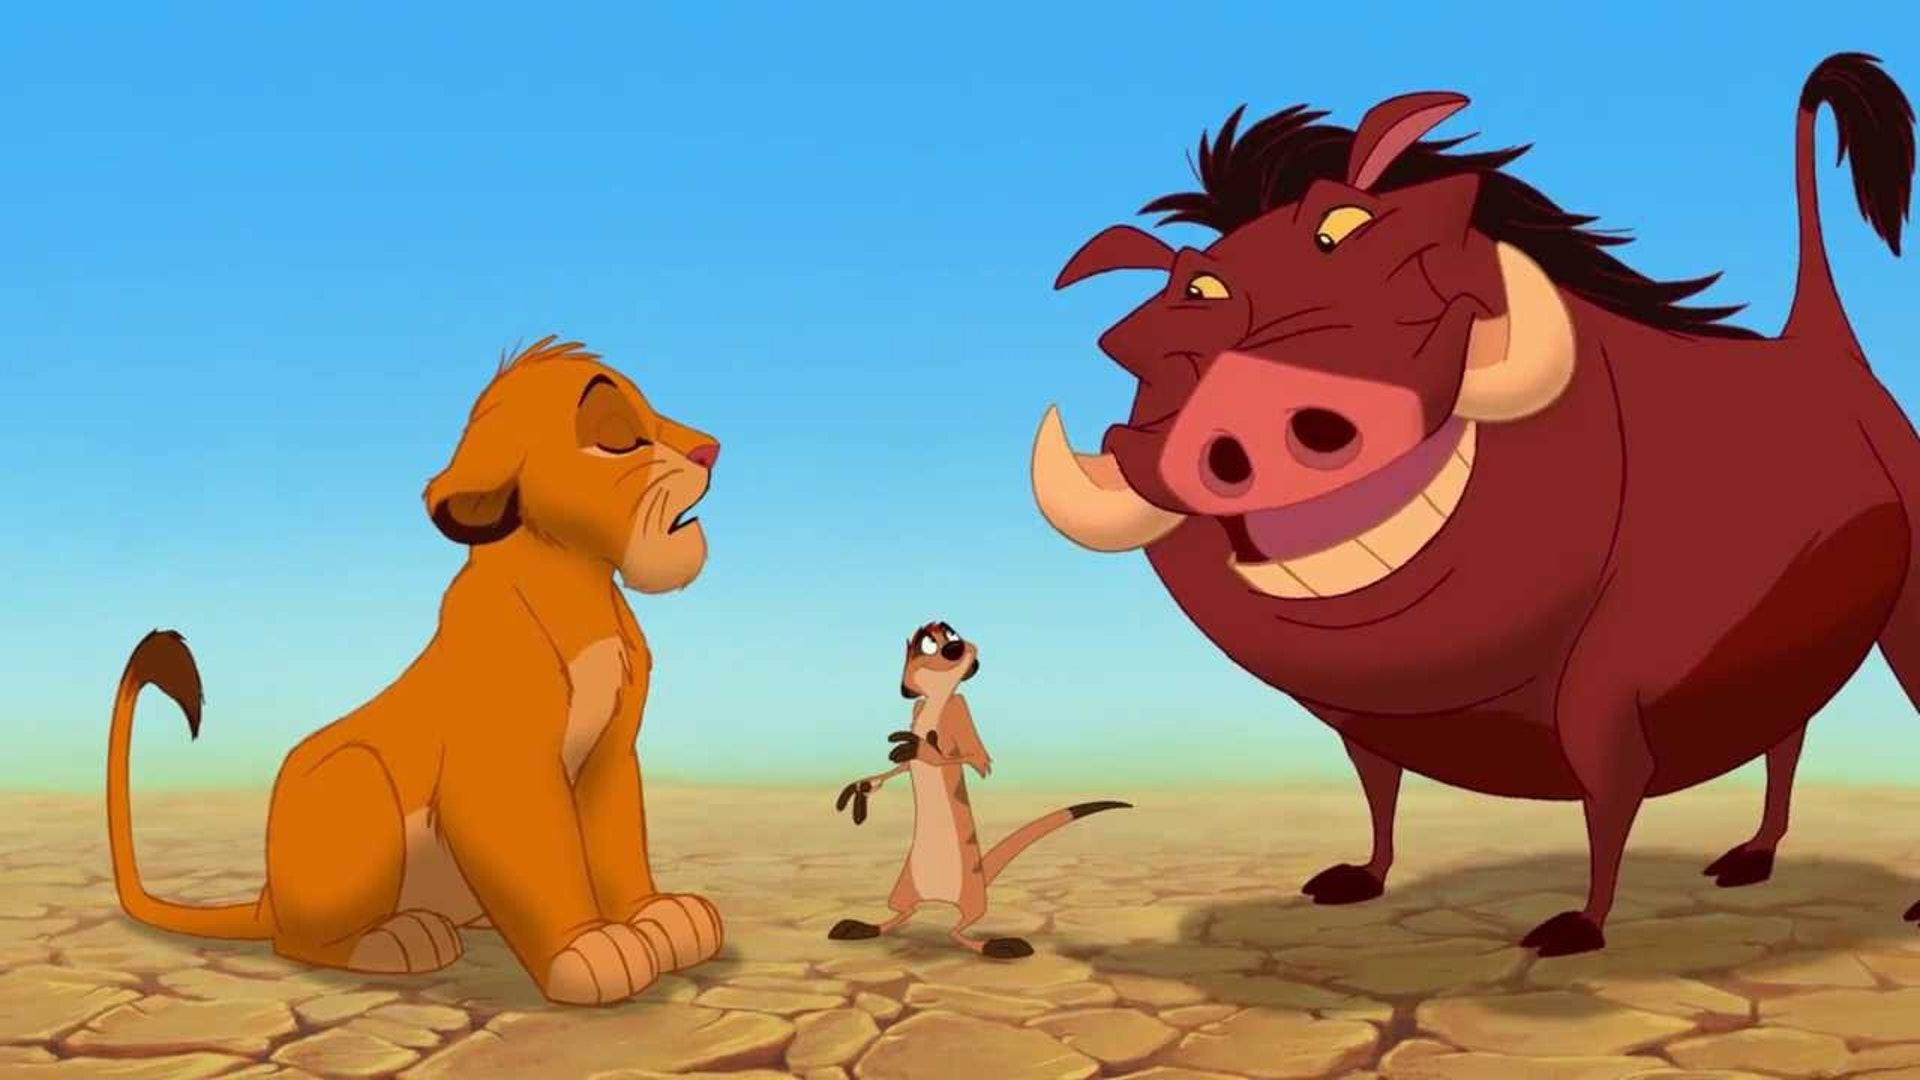 迪士尼早在 1994年《獅子王》推出第一集時,就已經將「Hakuna Matata」一詞註冊為商標。(電影截圖)